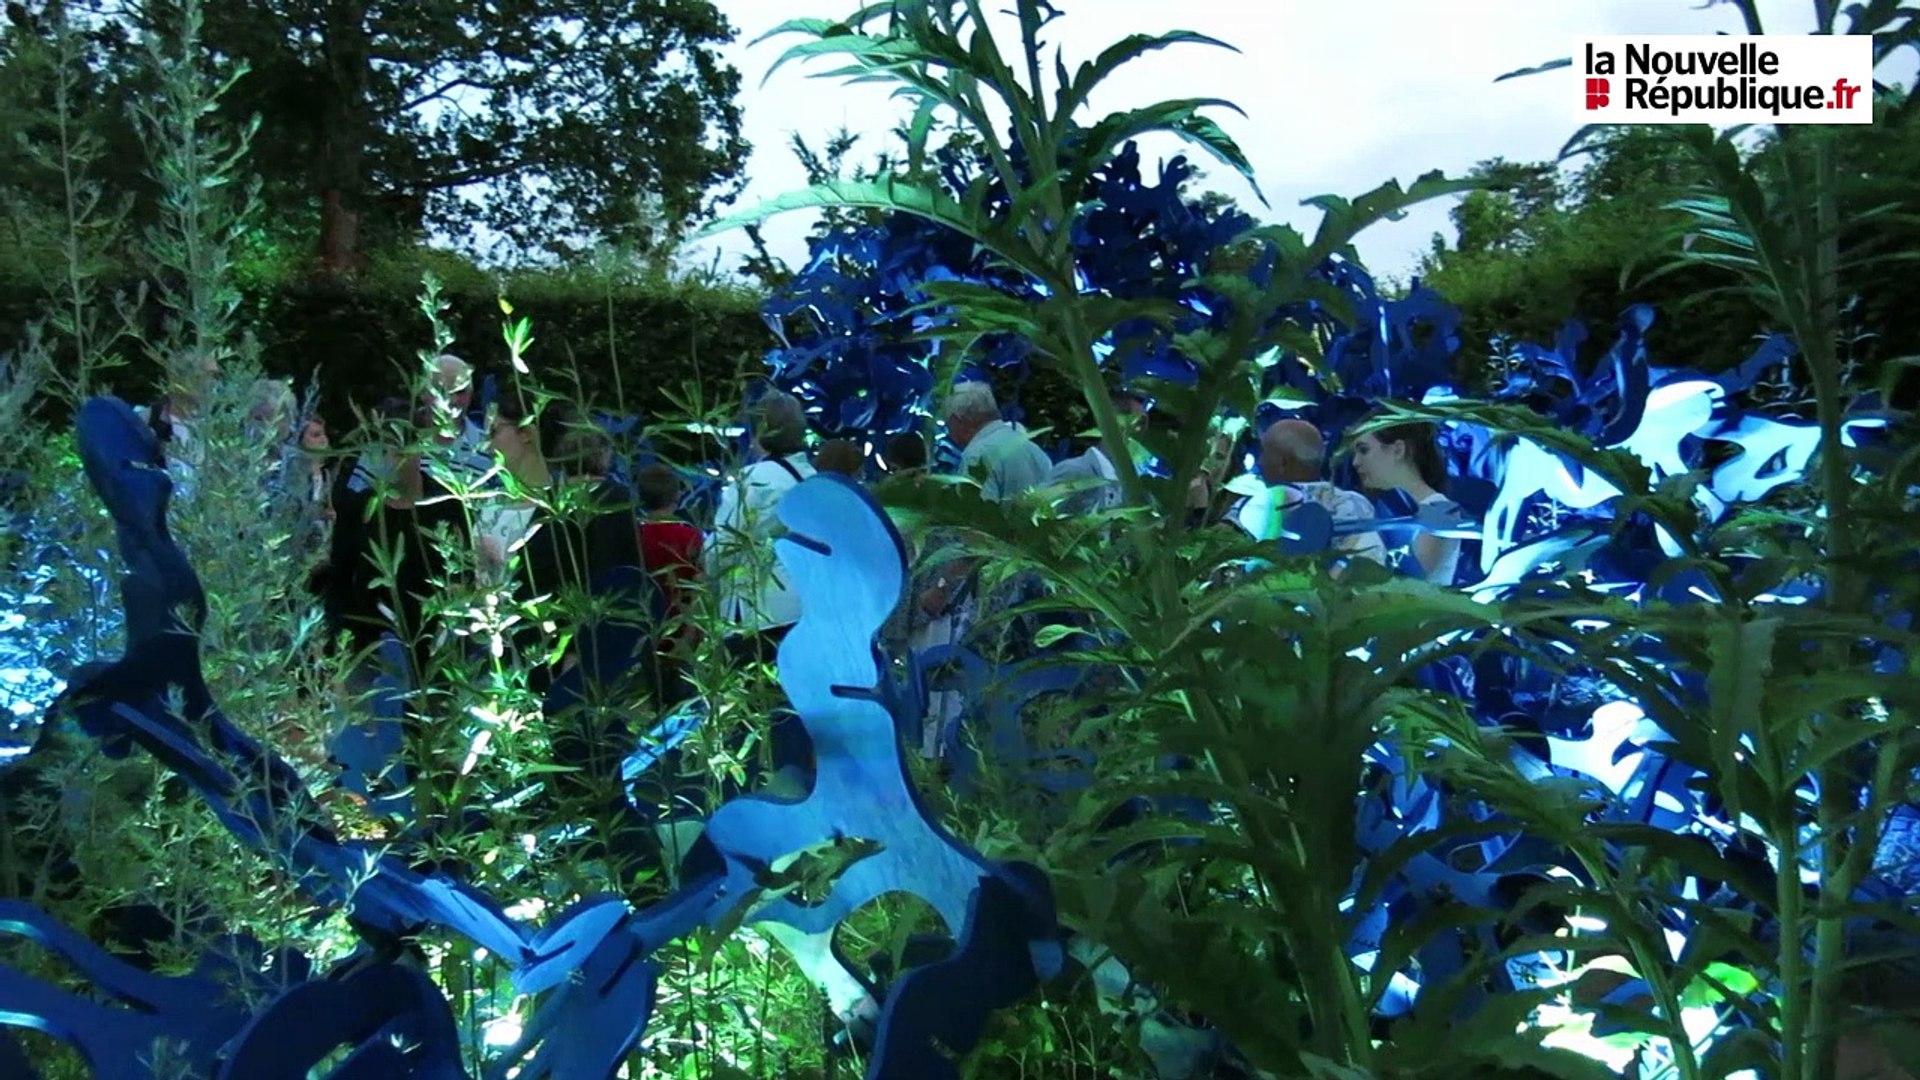 Festival Des Jardins Chaumont Sur Loire 2009 video. les jardins de lumière s'illuminent chaque soir à chaumont-sur-loire